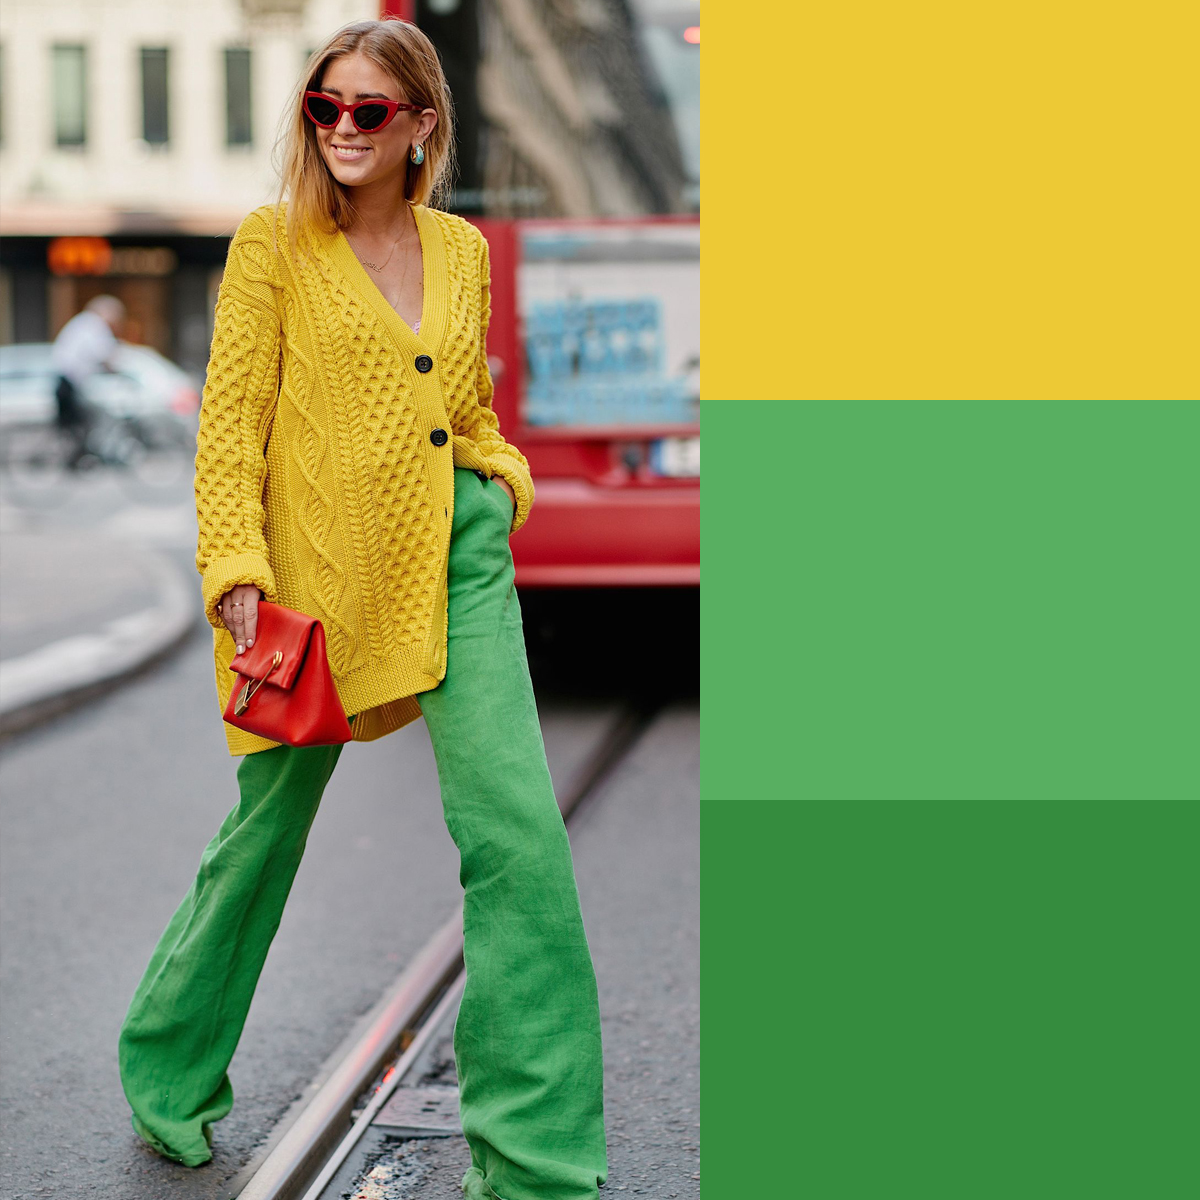 Cách phối màu quần áo mùa hè với vàng và xanh lá cây